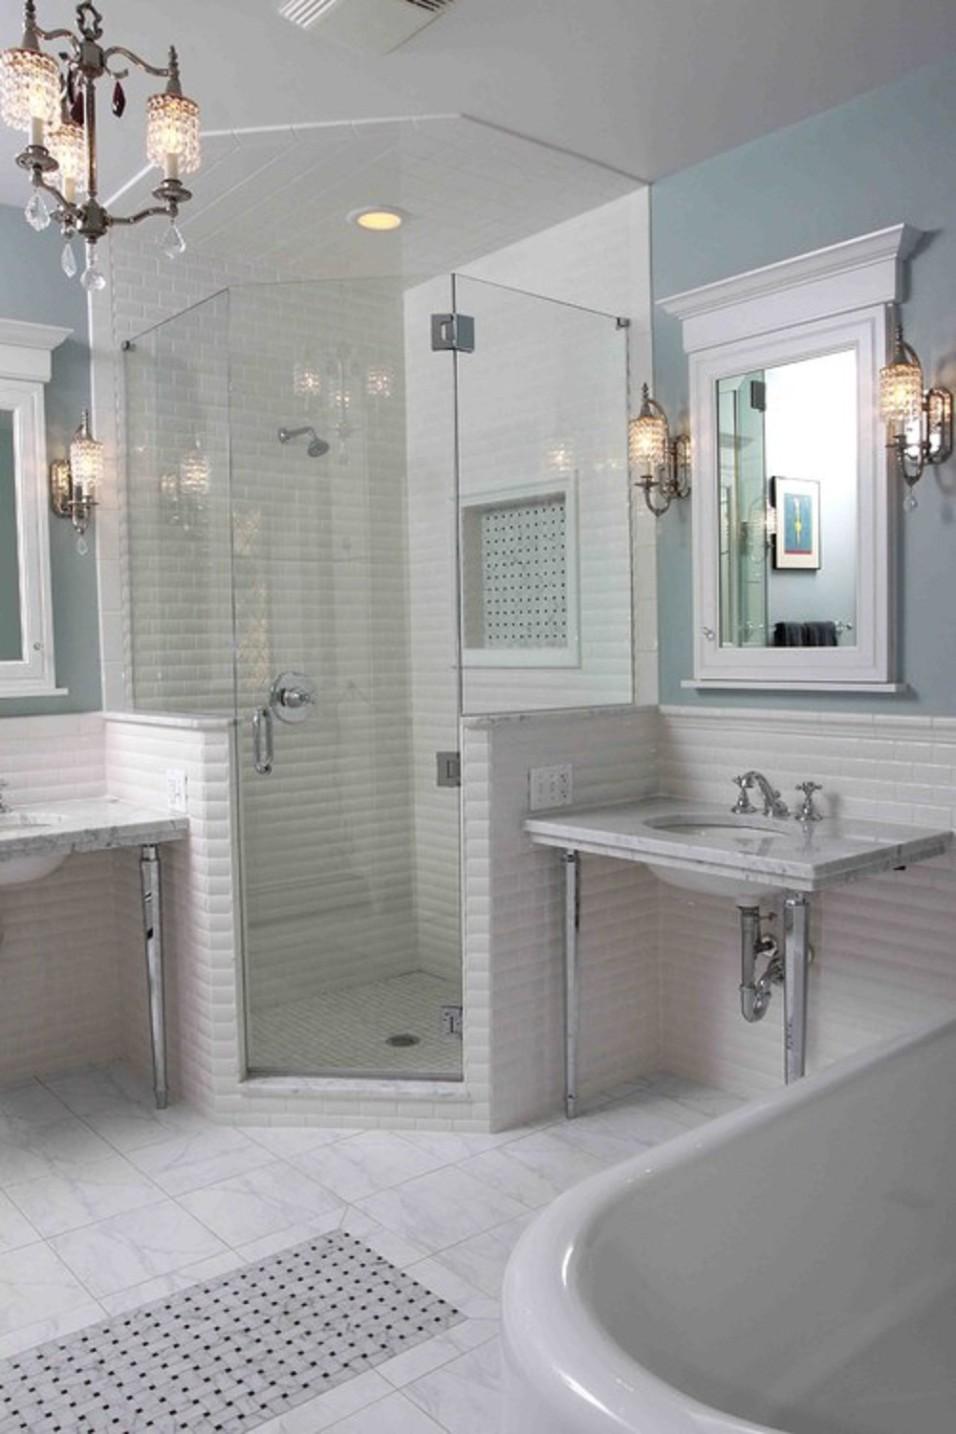 Vintage-Bathroom-Renovation-Ideas